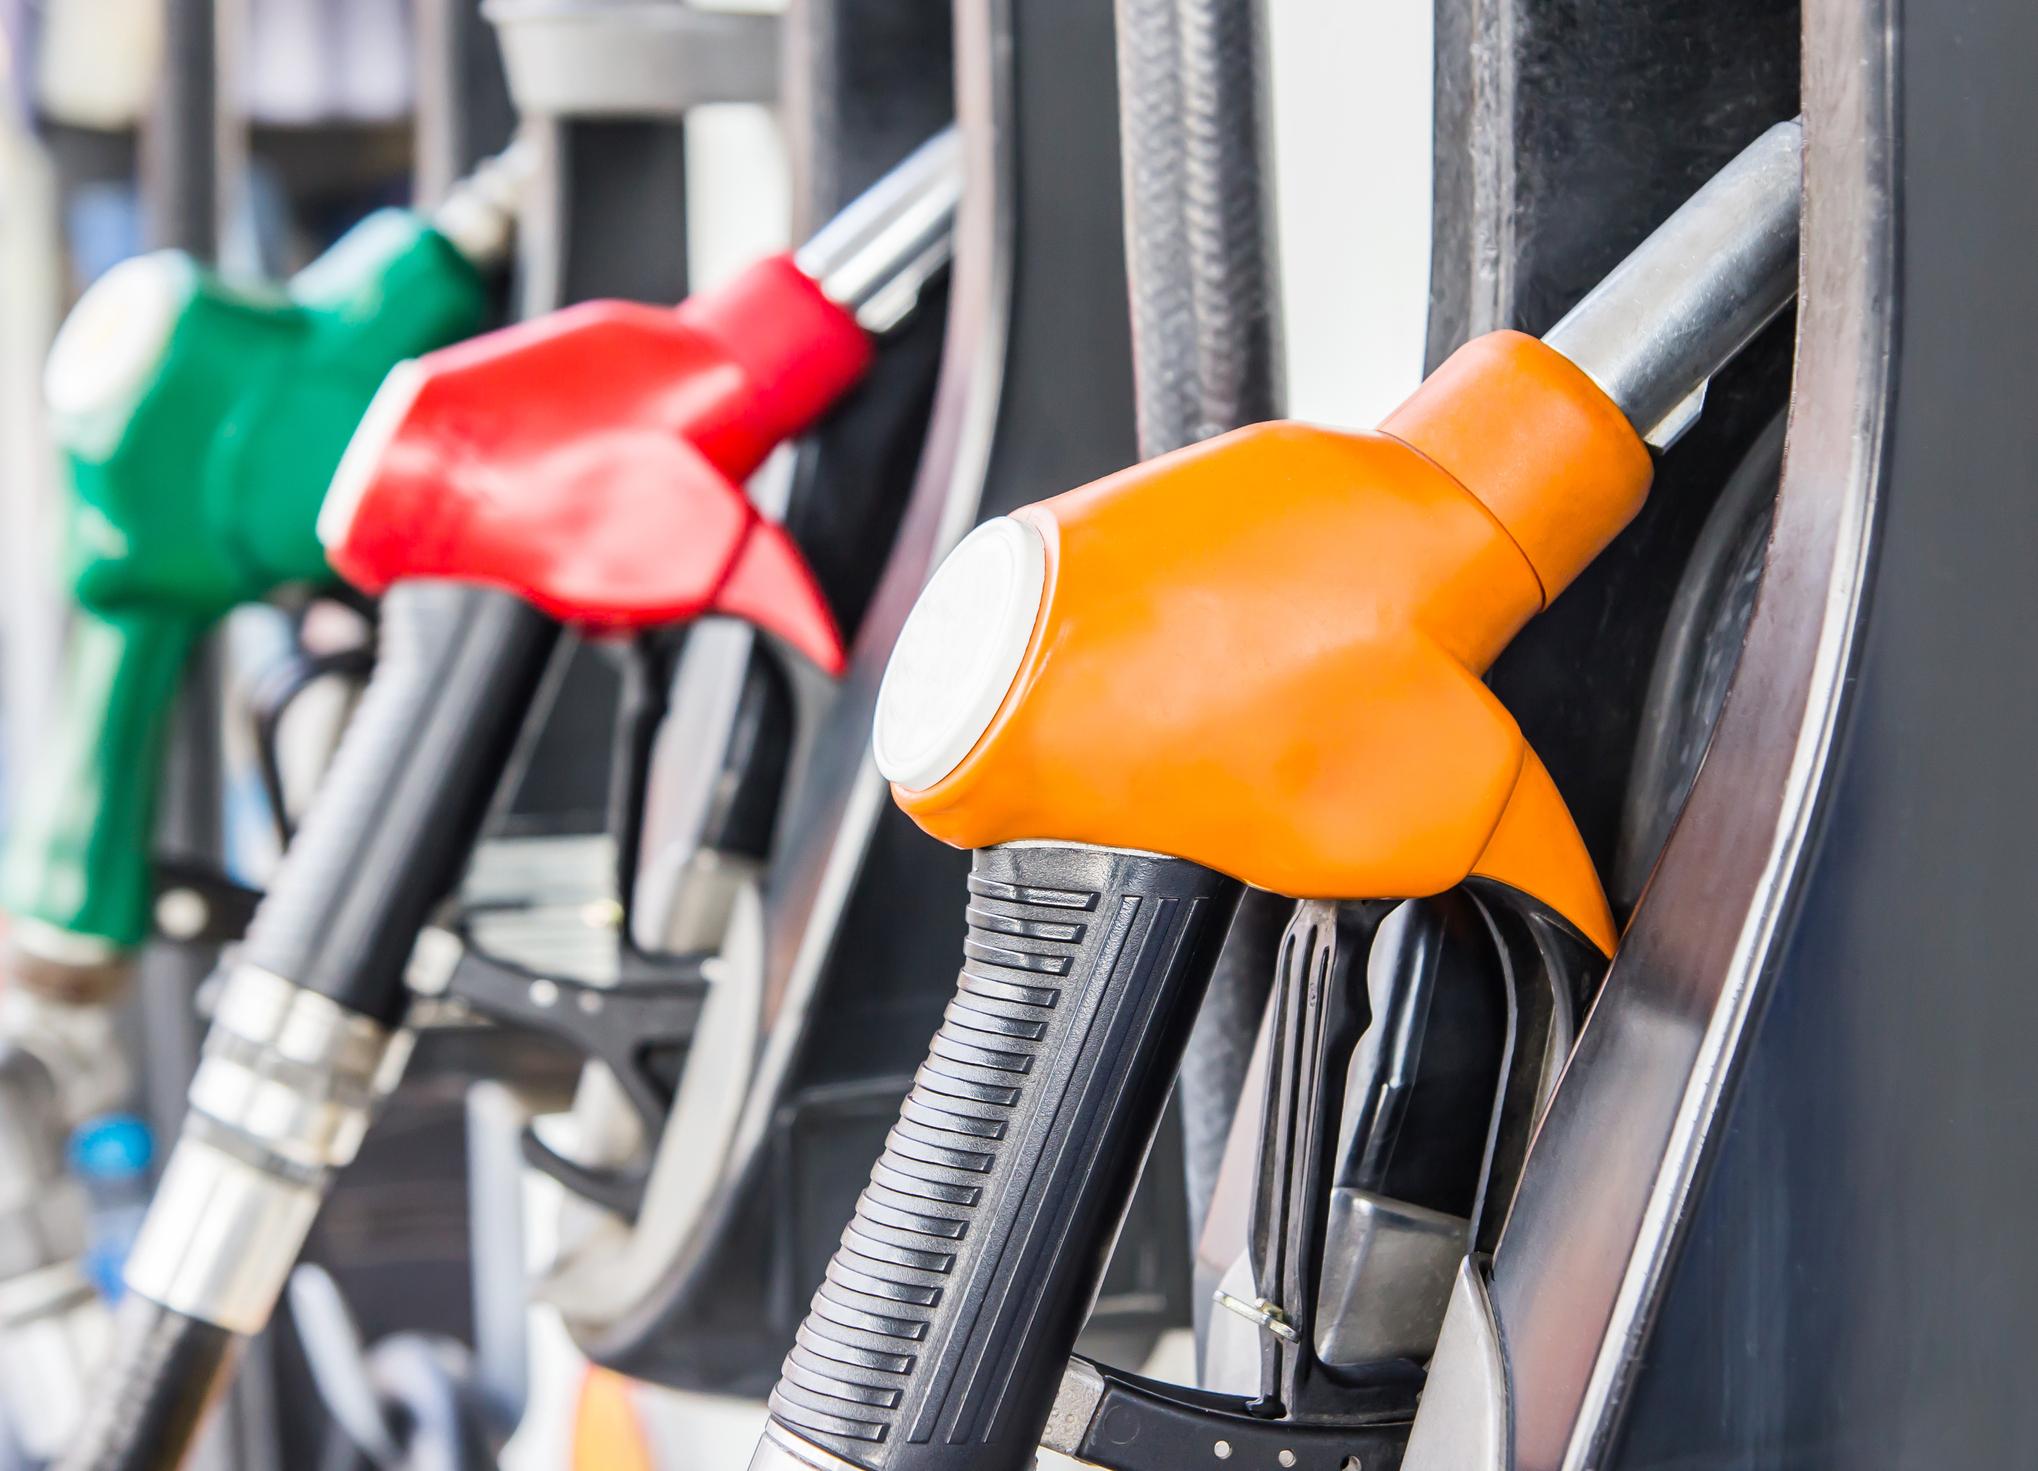 Gas station pumps up close.